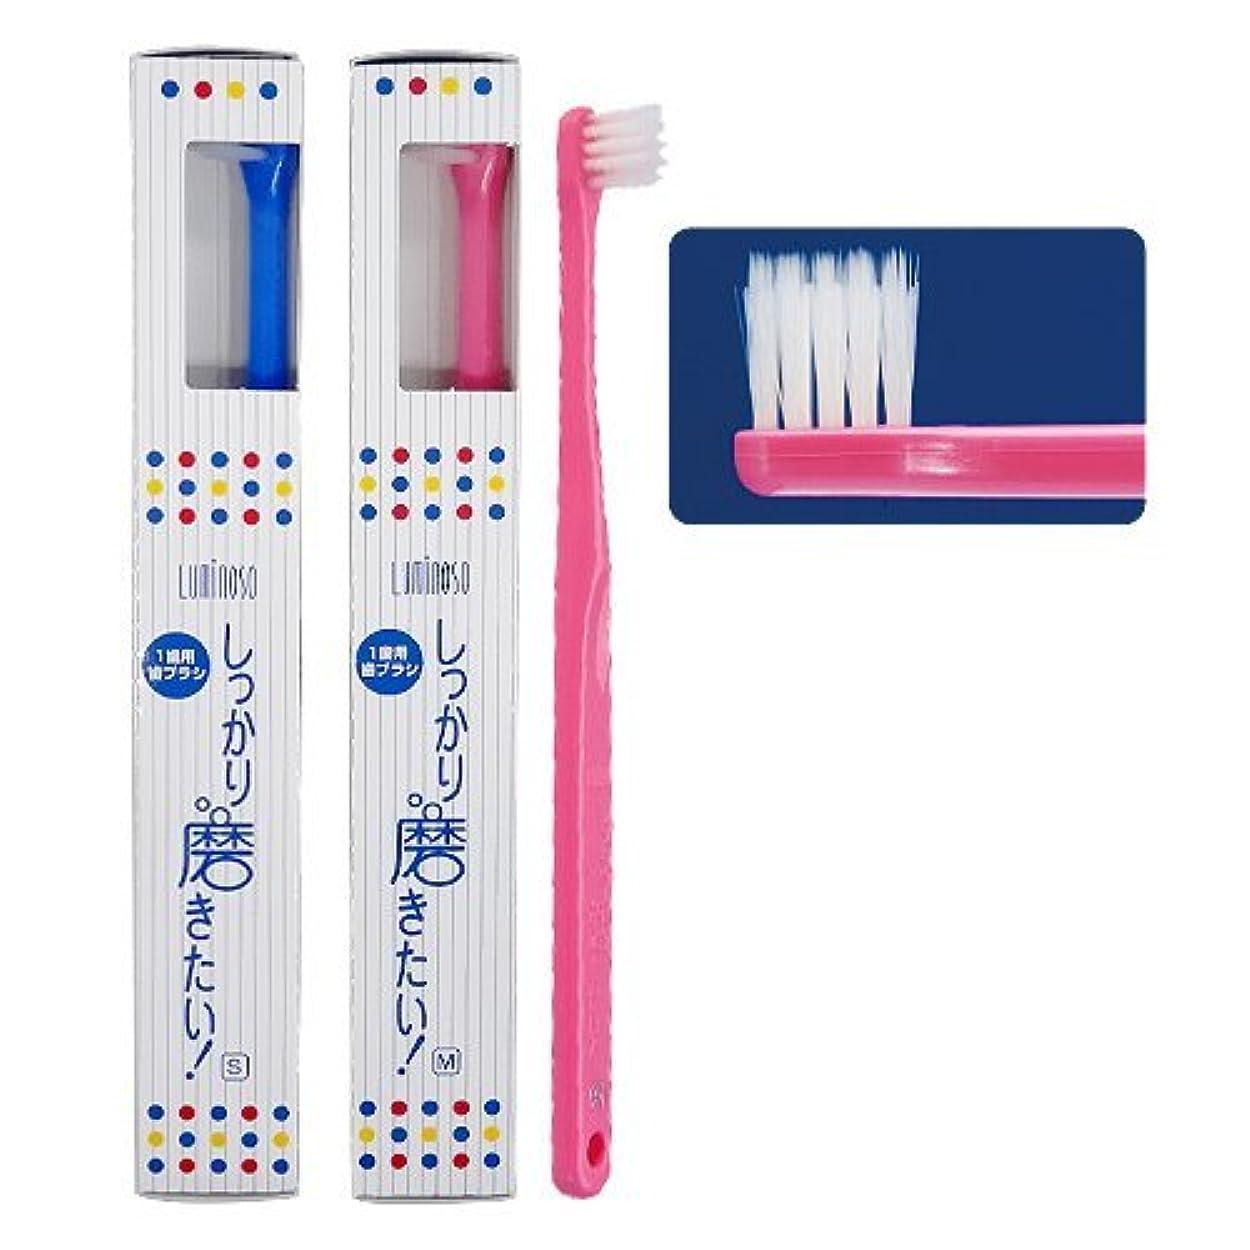 つぶやきトイレうがい薬ルミノソ 1歯用歯ブラシ「しっかり磨きたい!」スタンダード ソフト (カラー指定不可) 3本